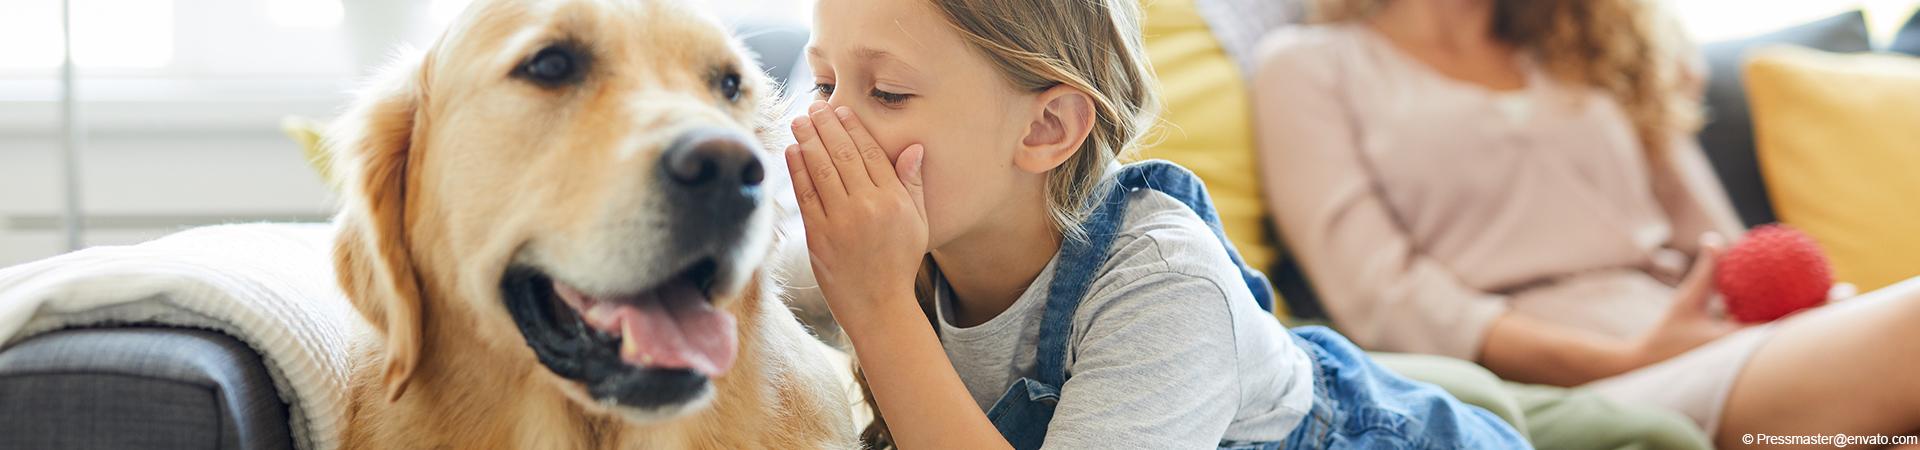 Wohnungsgenossenschaft Einheit Calbe eG - Haustiere 2